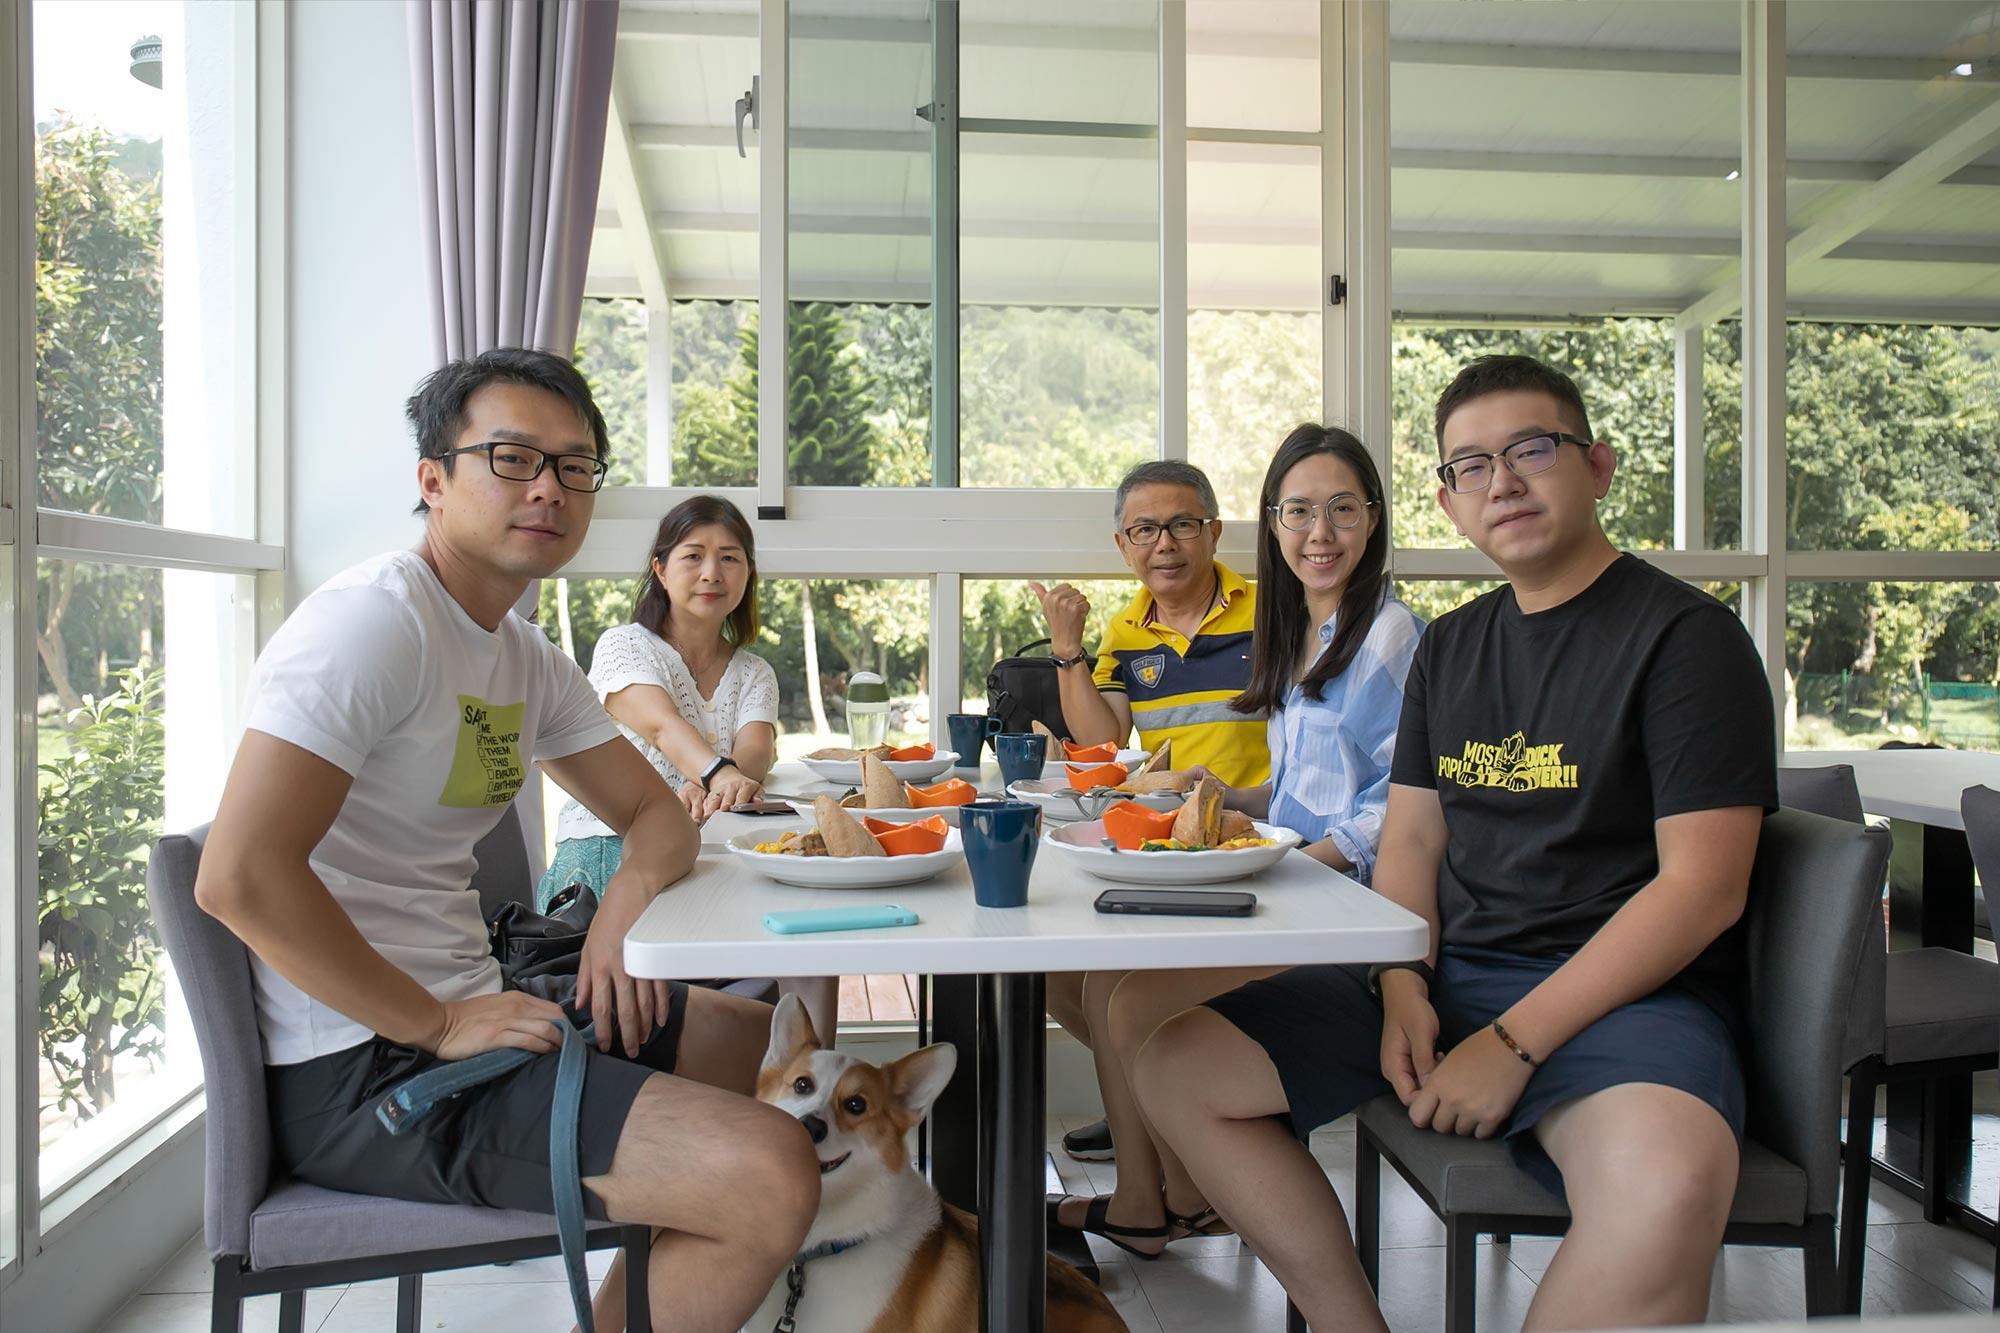 南庄麥克尼景觀莊園_用早餐區3